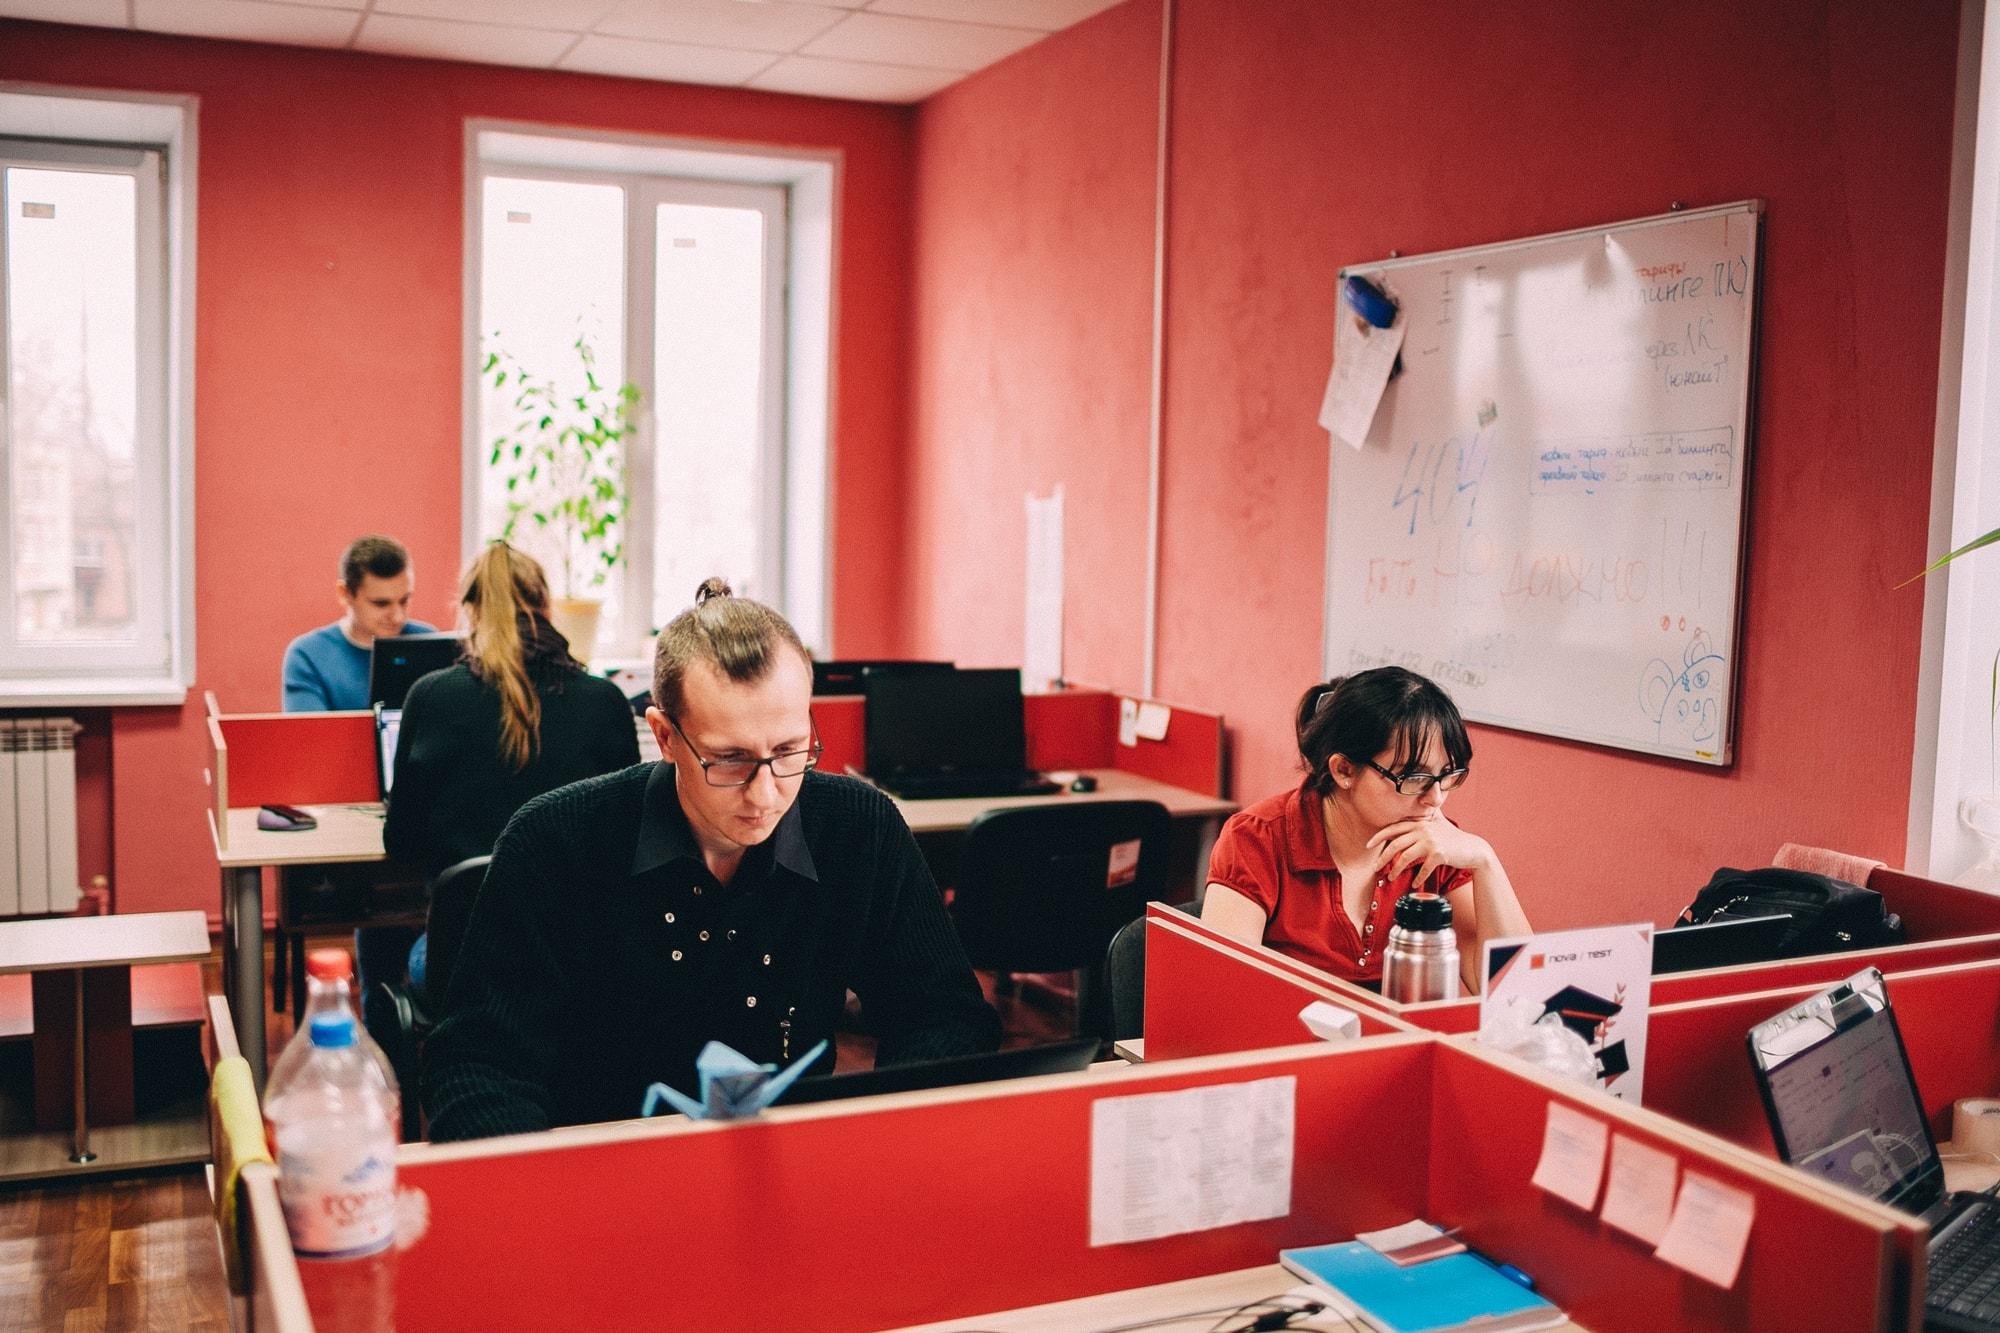 События  Перспективные digital-профессии, которым можно научиться в Курске